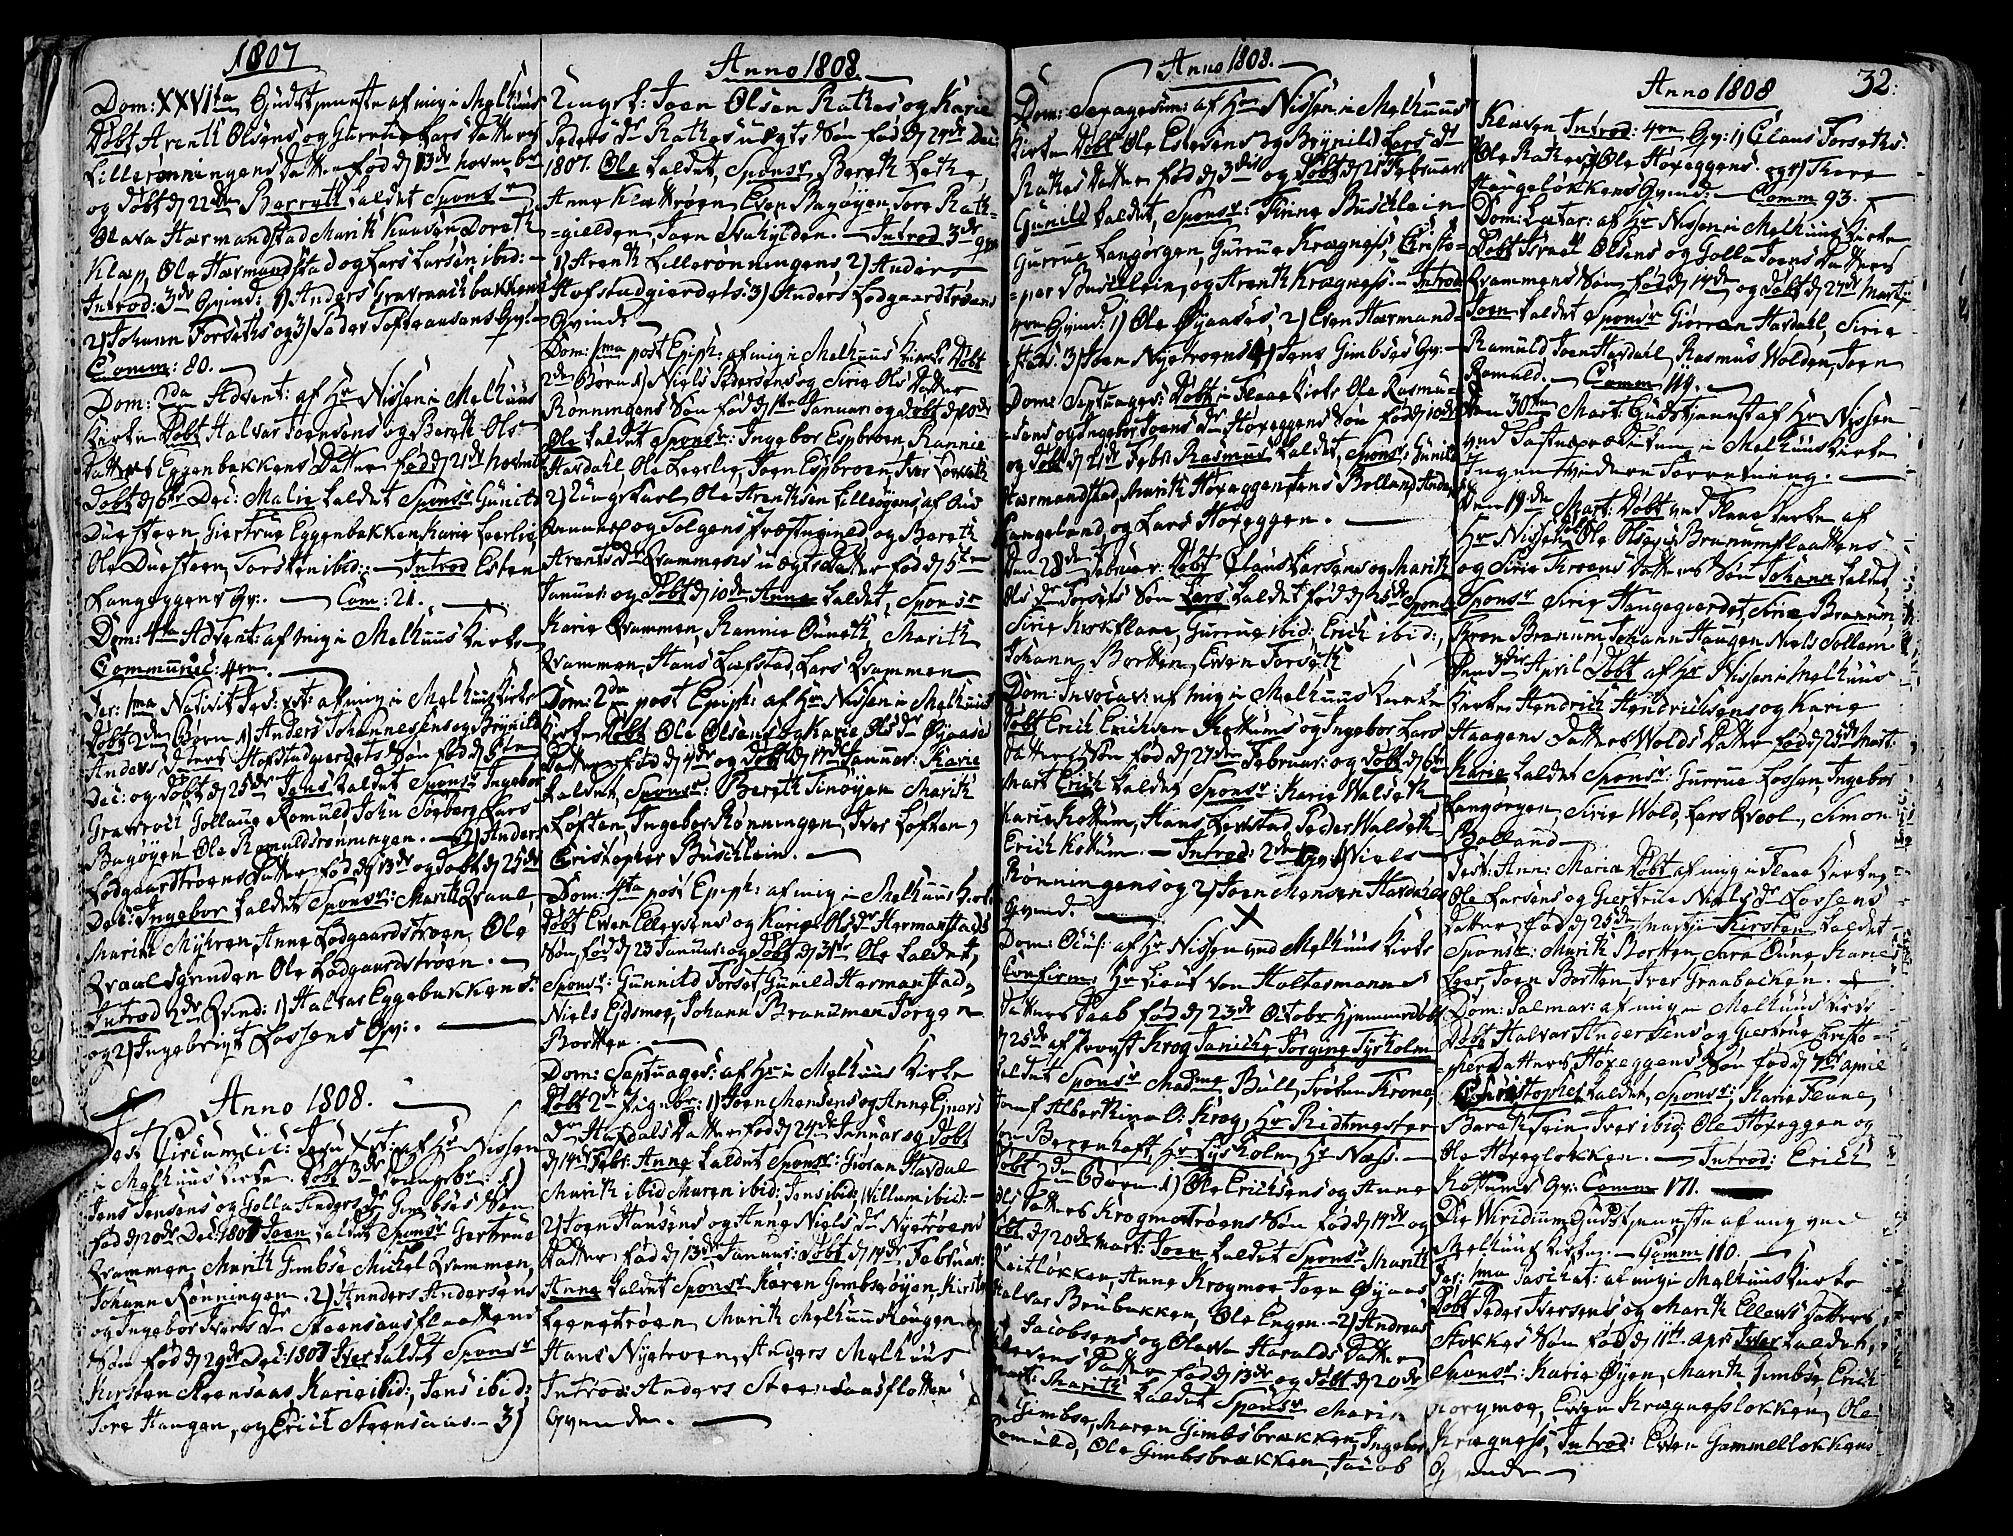 SAT, Ministerialprotokoller, klokkerbøker og fødselsregistre - Sør-Trøndelag, 691/L1061: Ministerialbok nr. 691A02 /1, 1768-1815, s. 32